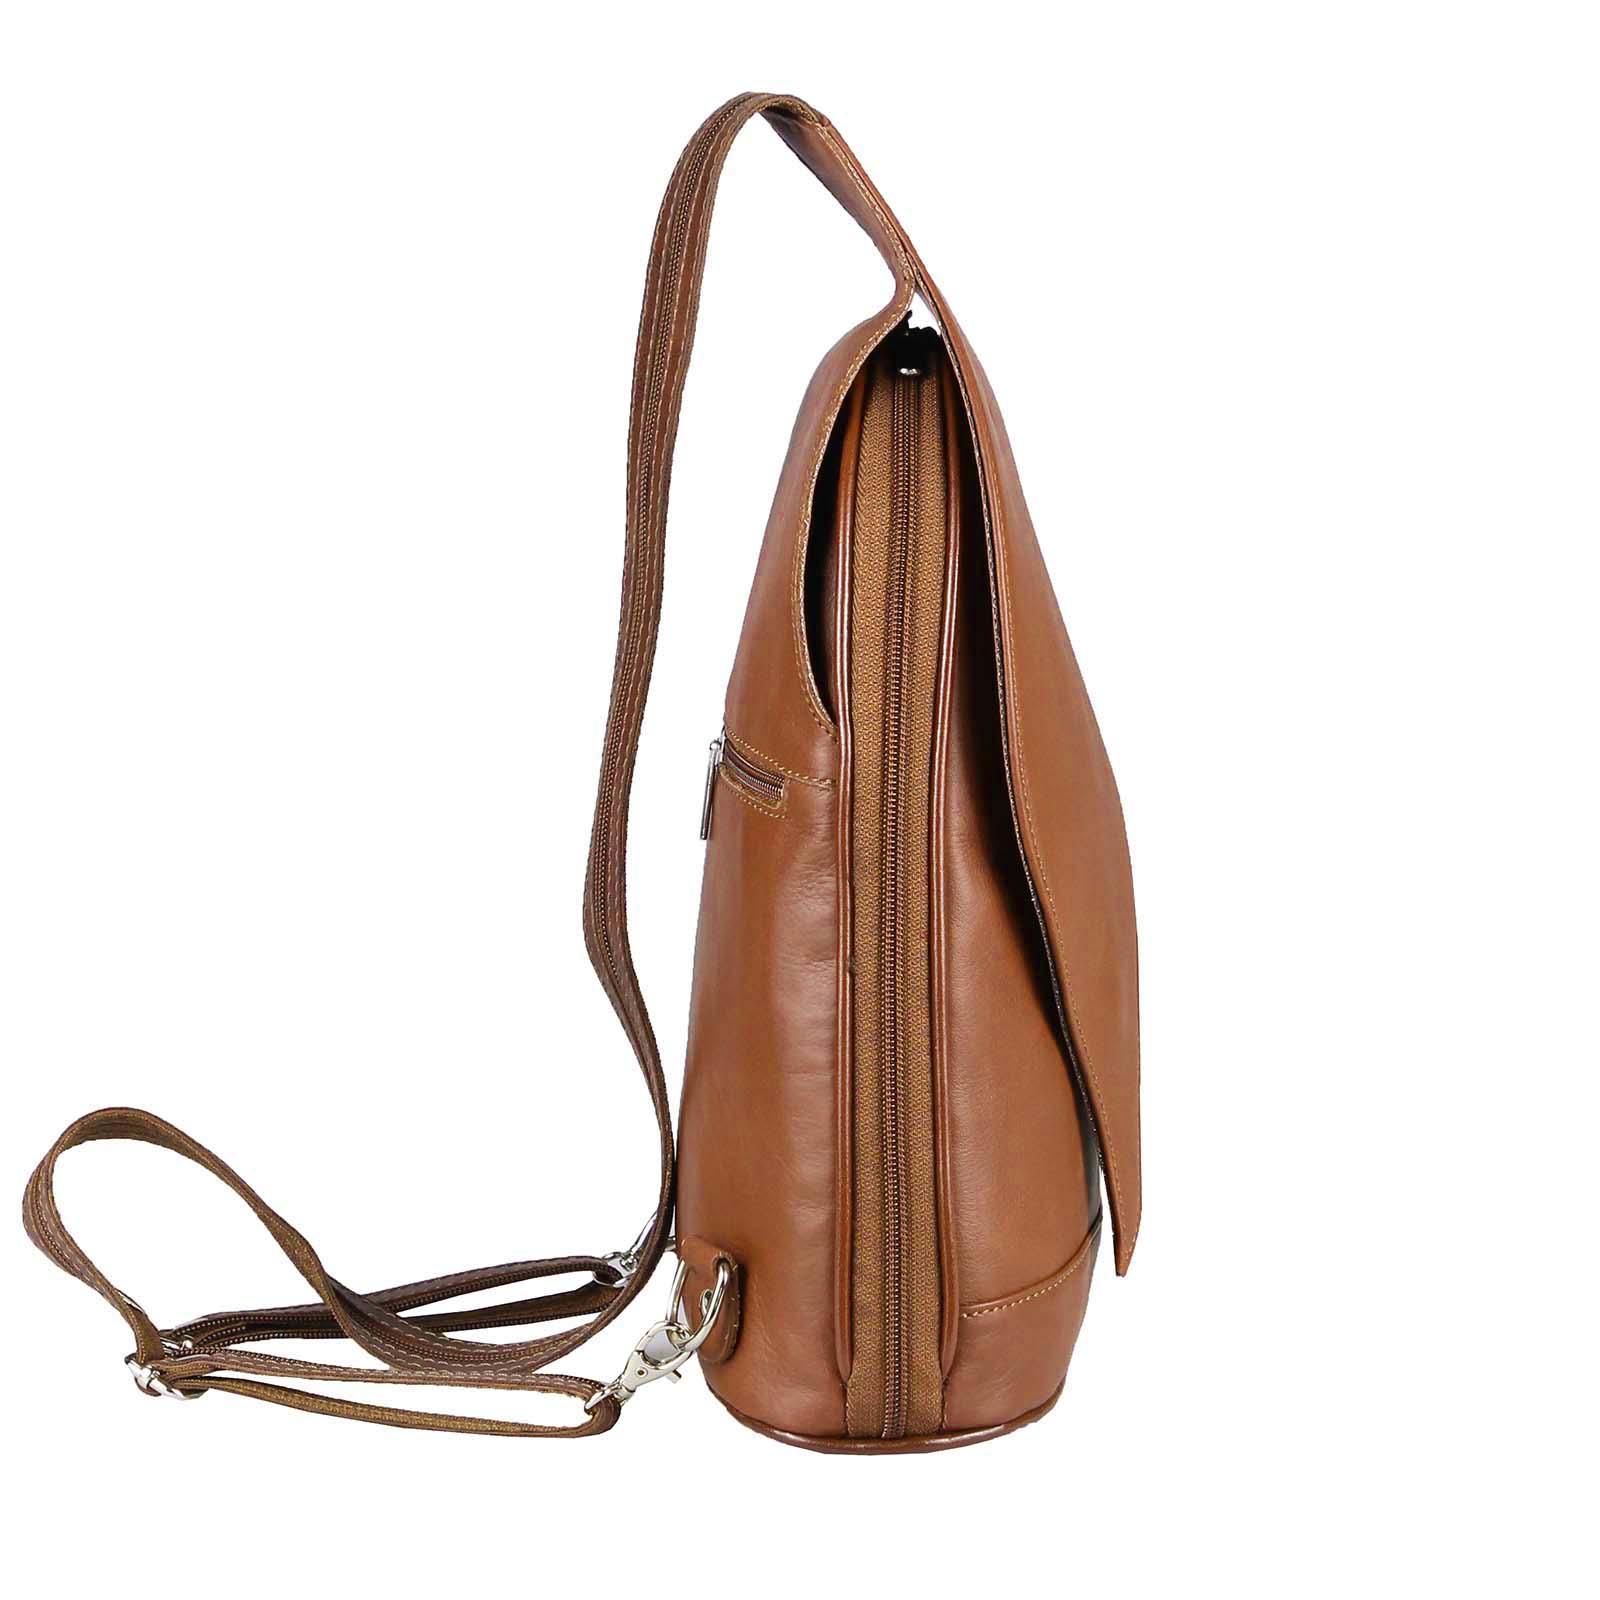 ITALY-DAMEN-LEDER-RUCKSACK-Schulter-Tasche-Reise-BACKPACK-Lederrucksack-it-BAG Indexbild 69